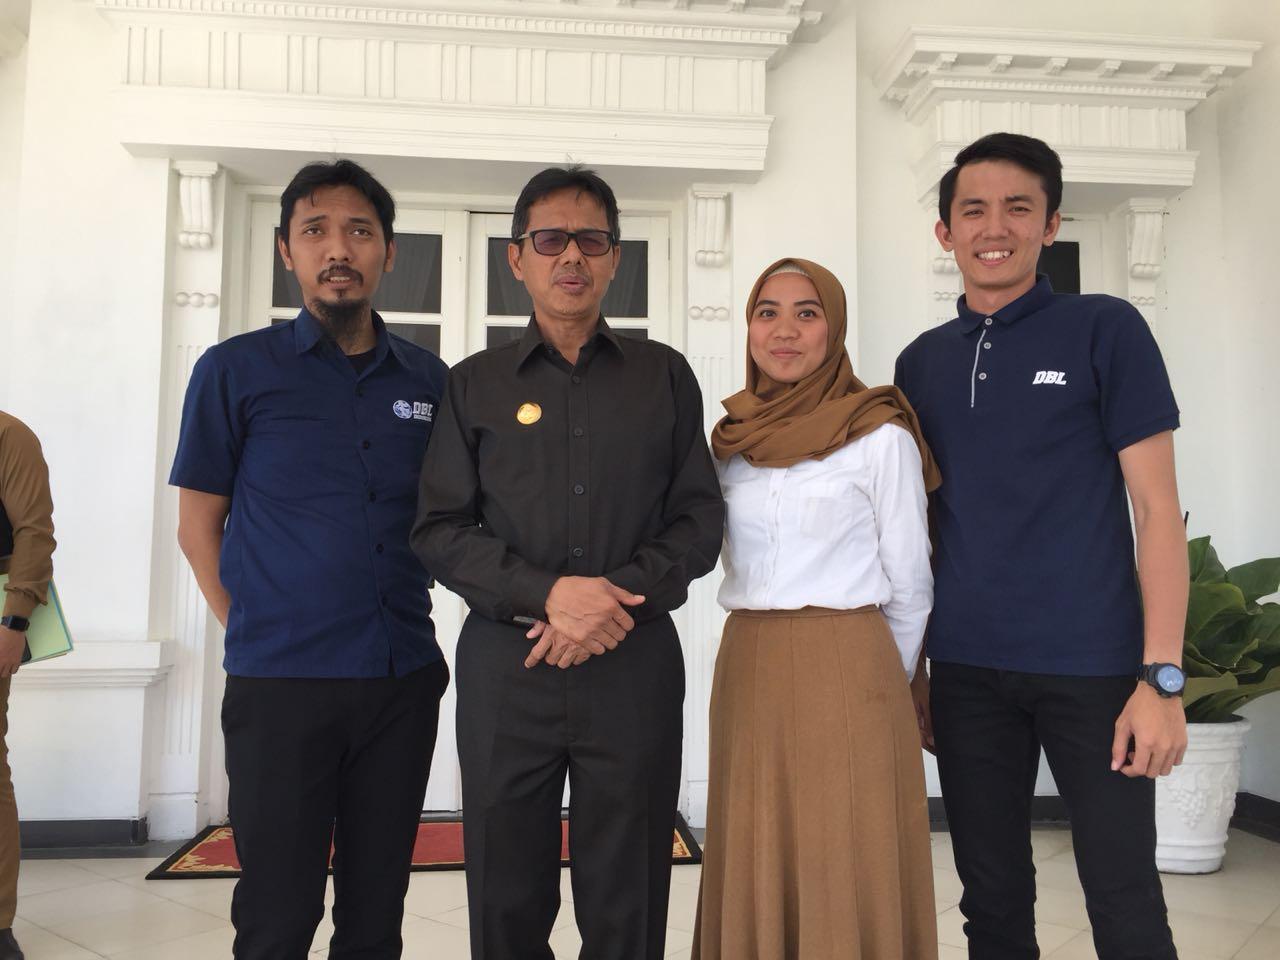 Tim PT DBL Indonesia bersama Gubernur Sumbar Irwan Prayitno.